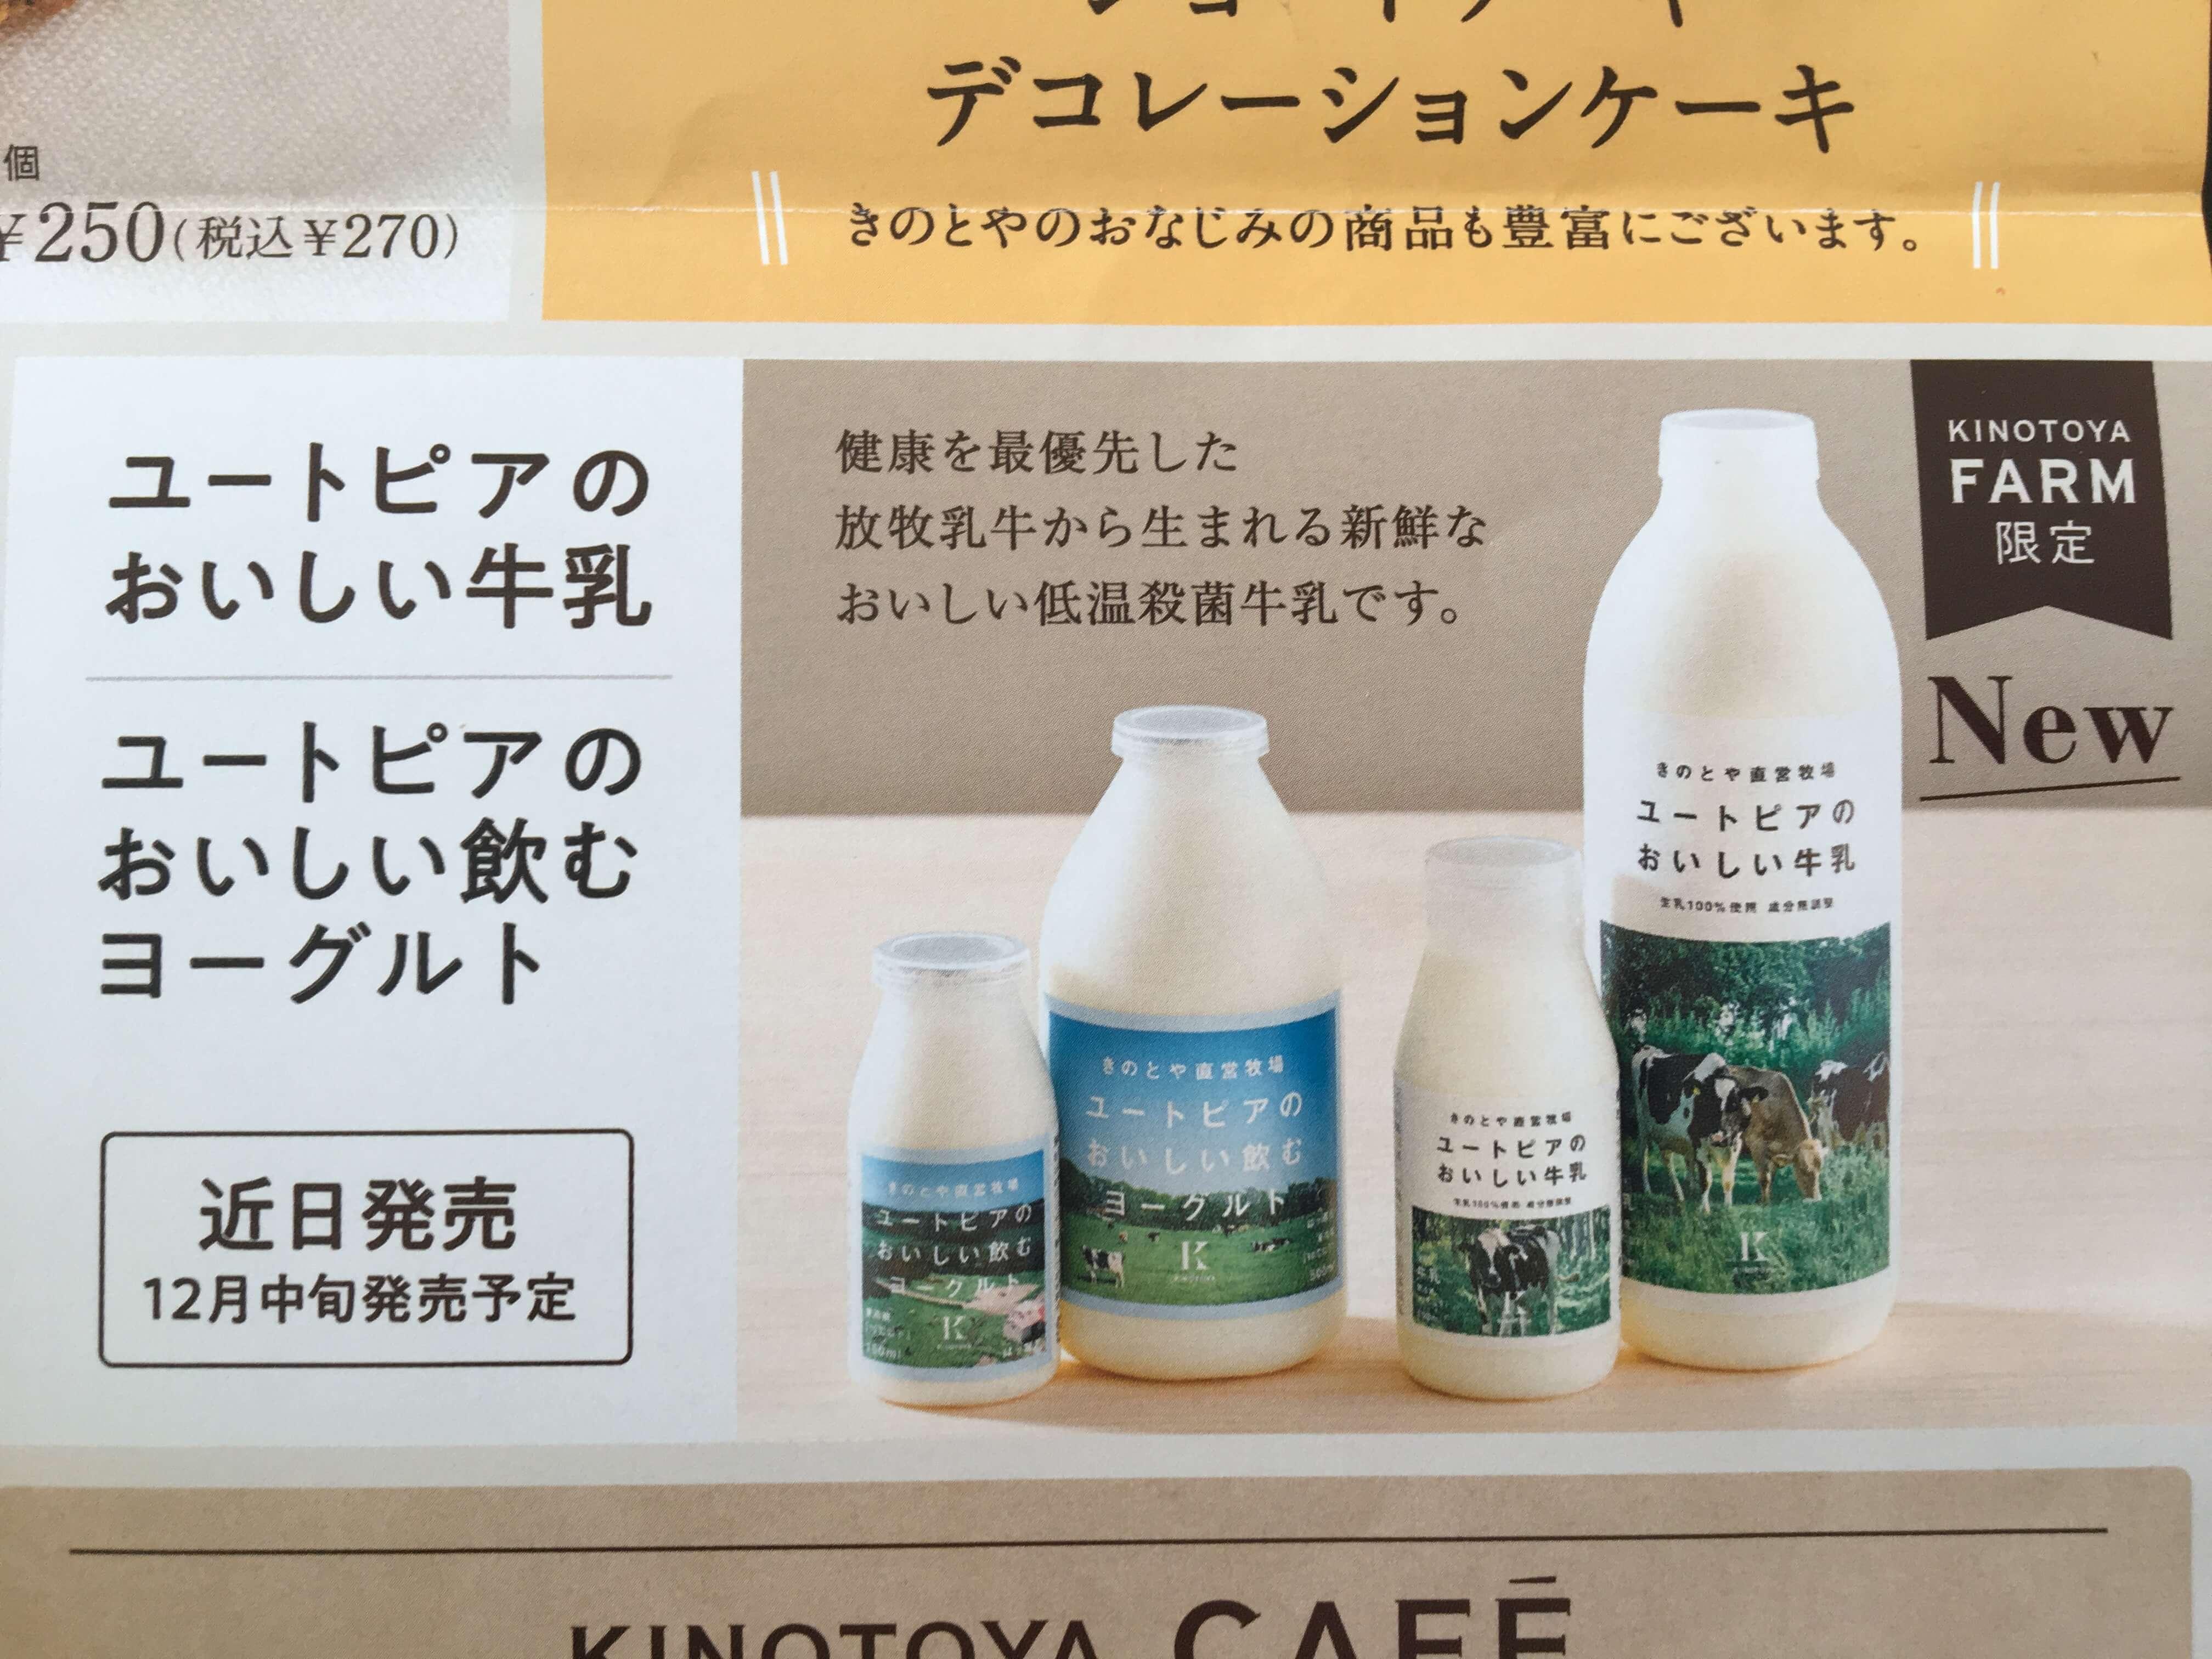 きのとやファーム店限定『ユートピアのおいしい牛乳』『ユートピアのおいしい飲むヨーグルト』